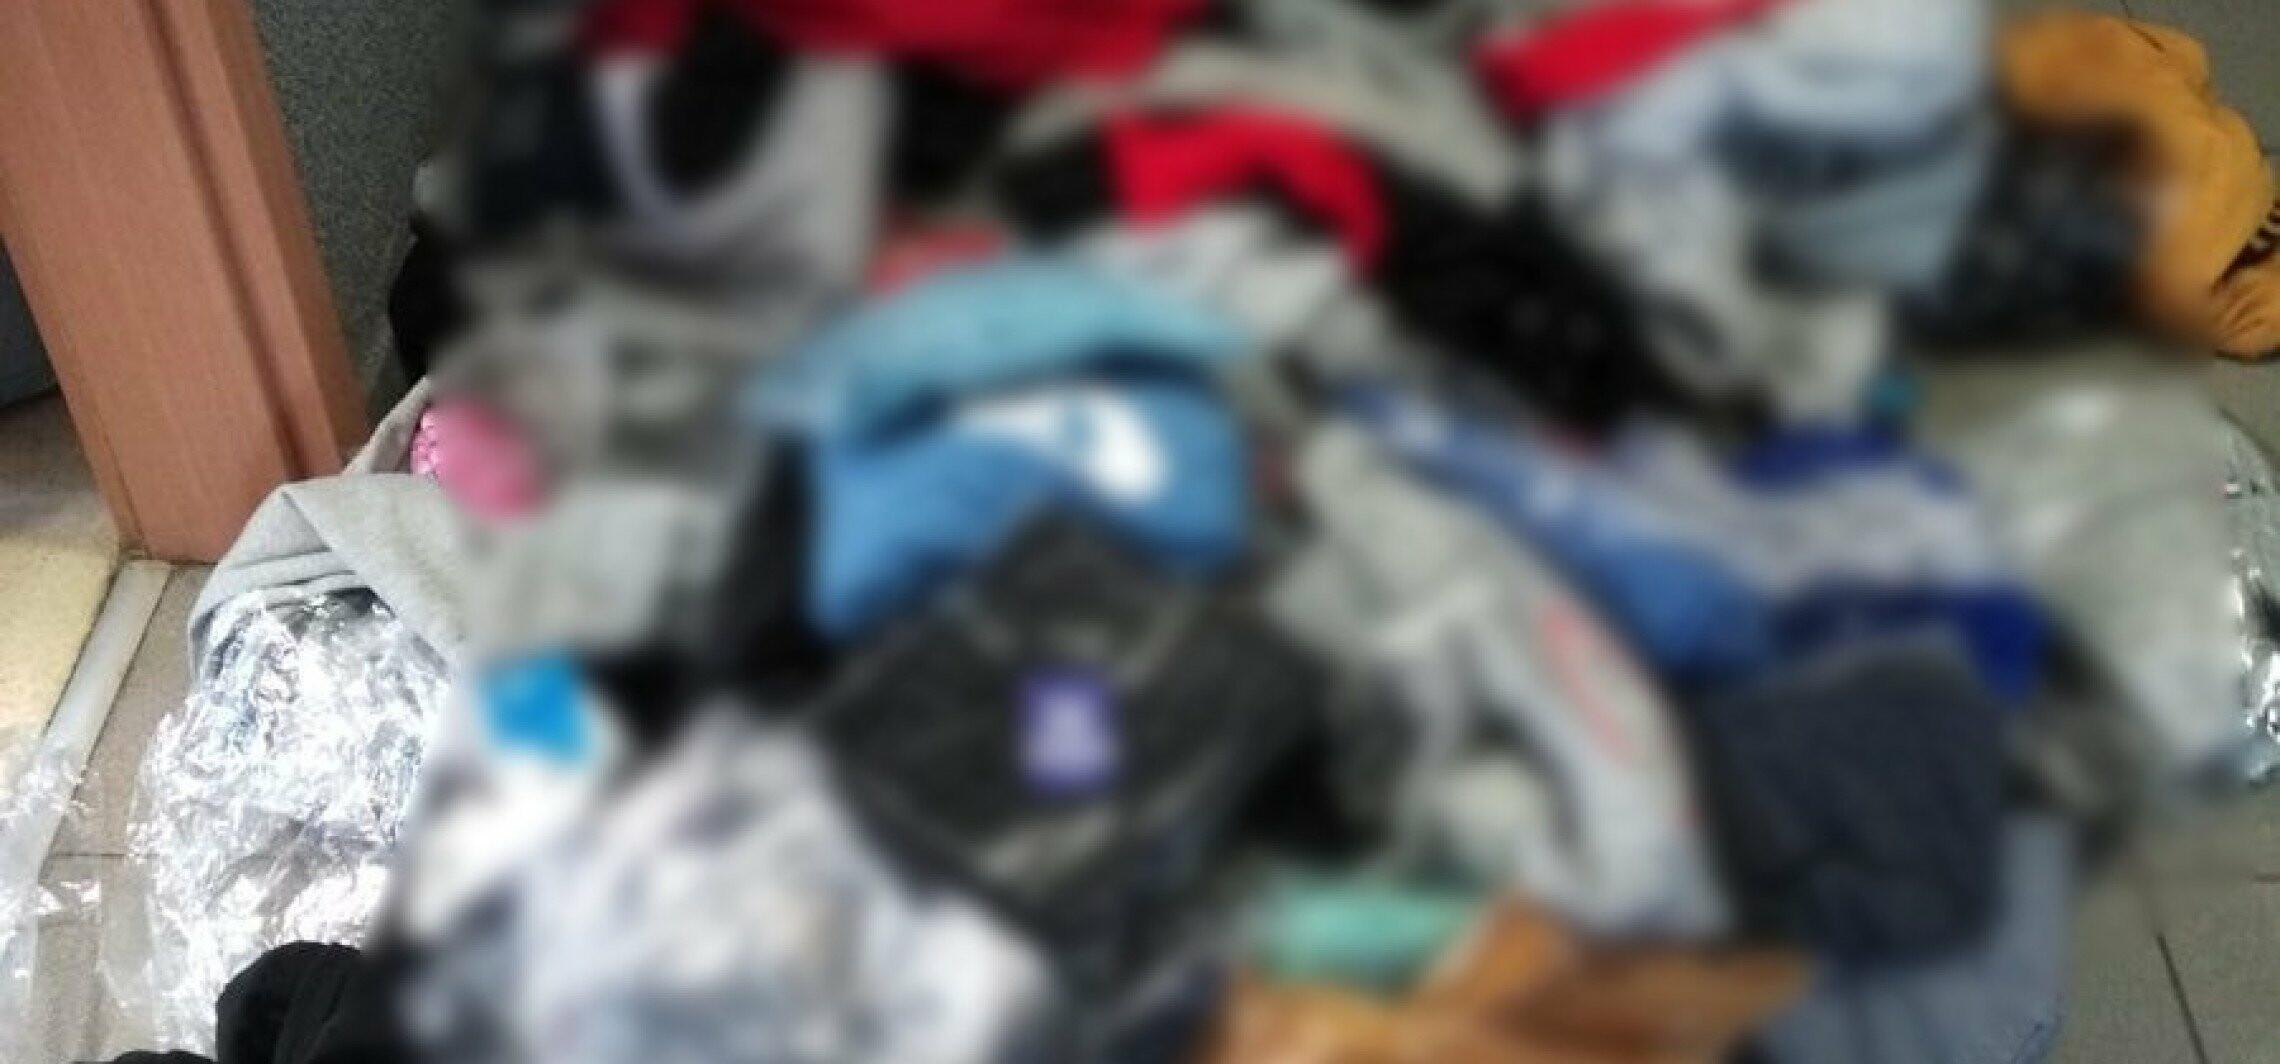 Bydgoszcz - Policja zabezpieczyła podróbki markowych ubrań